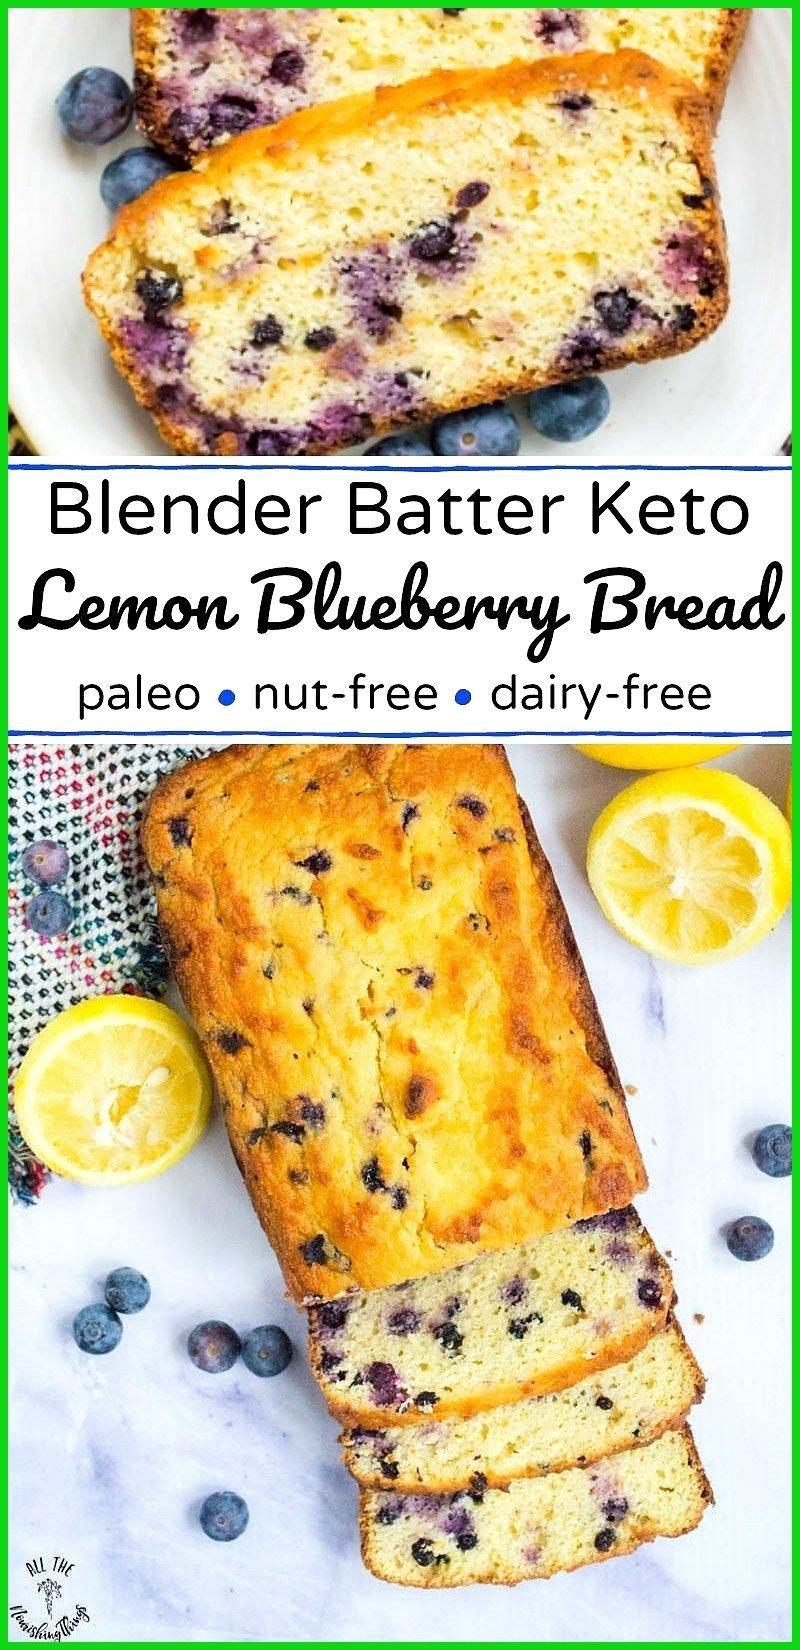 Blender Batter Keto Lemon Blueberry Bread nut-free dairy-free paleo Enjoy this easy Blender Batter